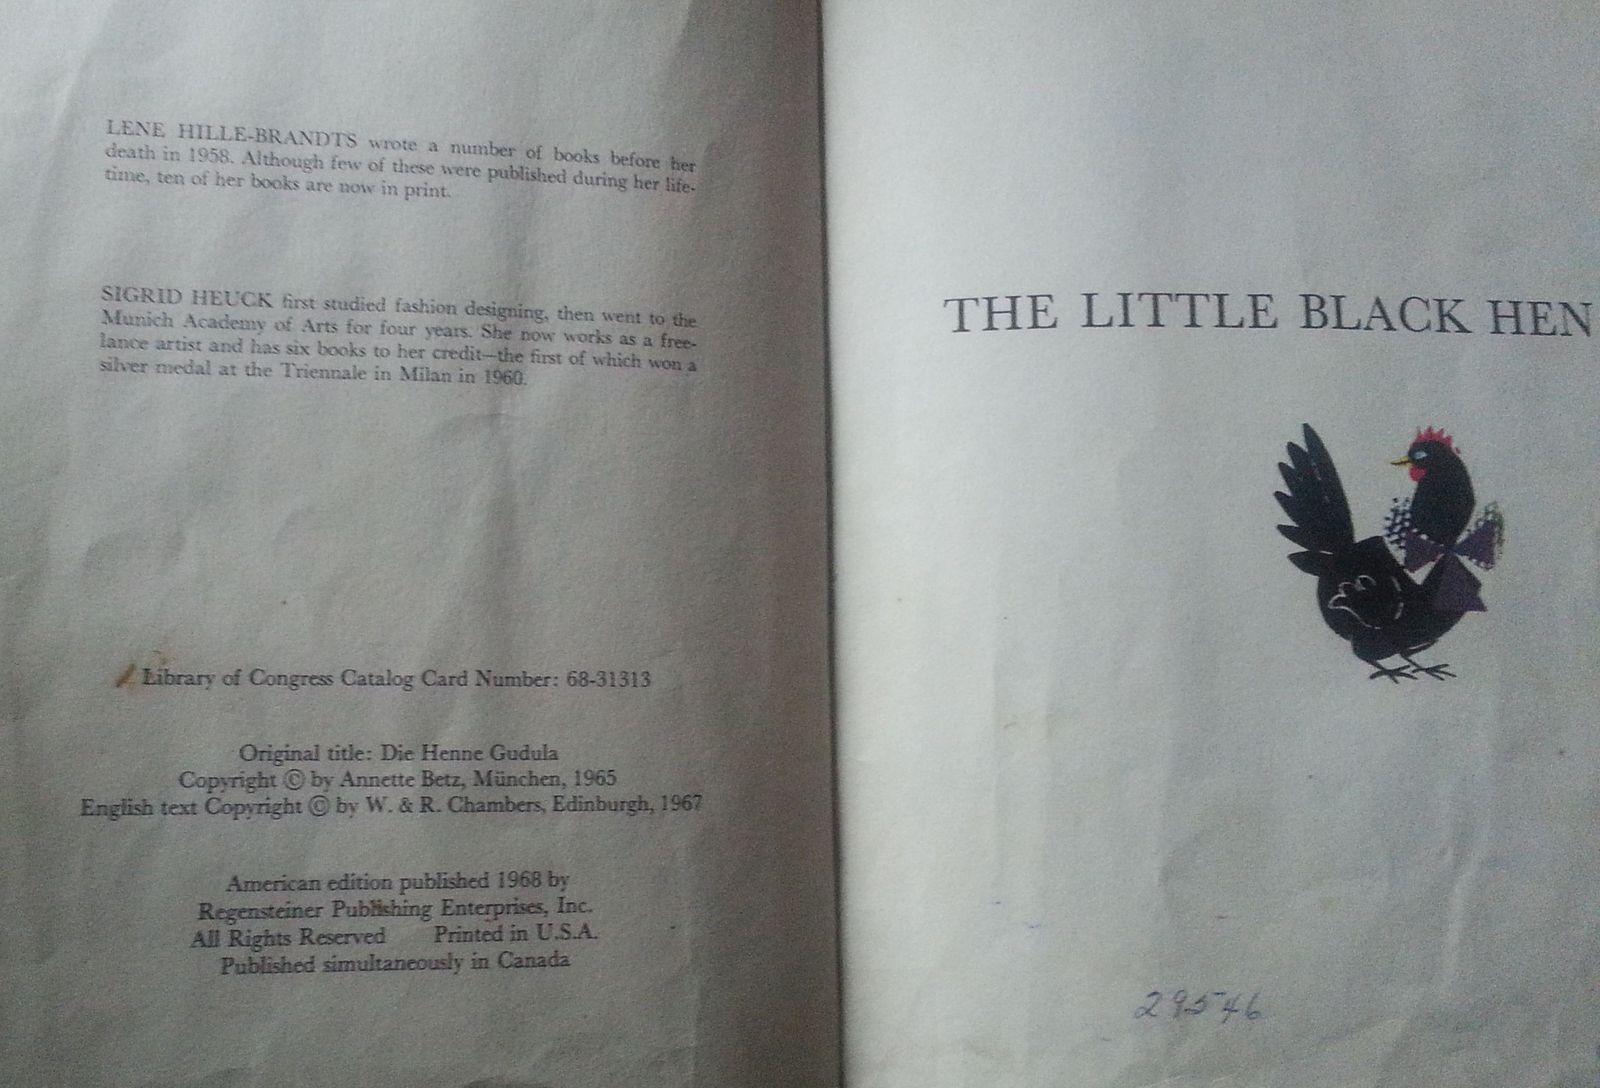 The Little Black Hen by Lene Hille-Brandts 1968 HB